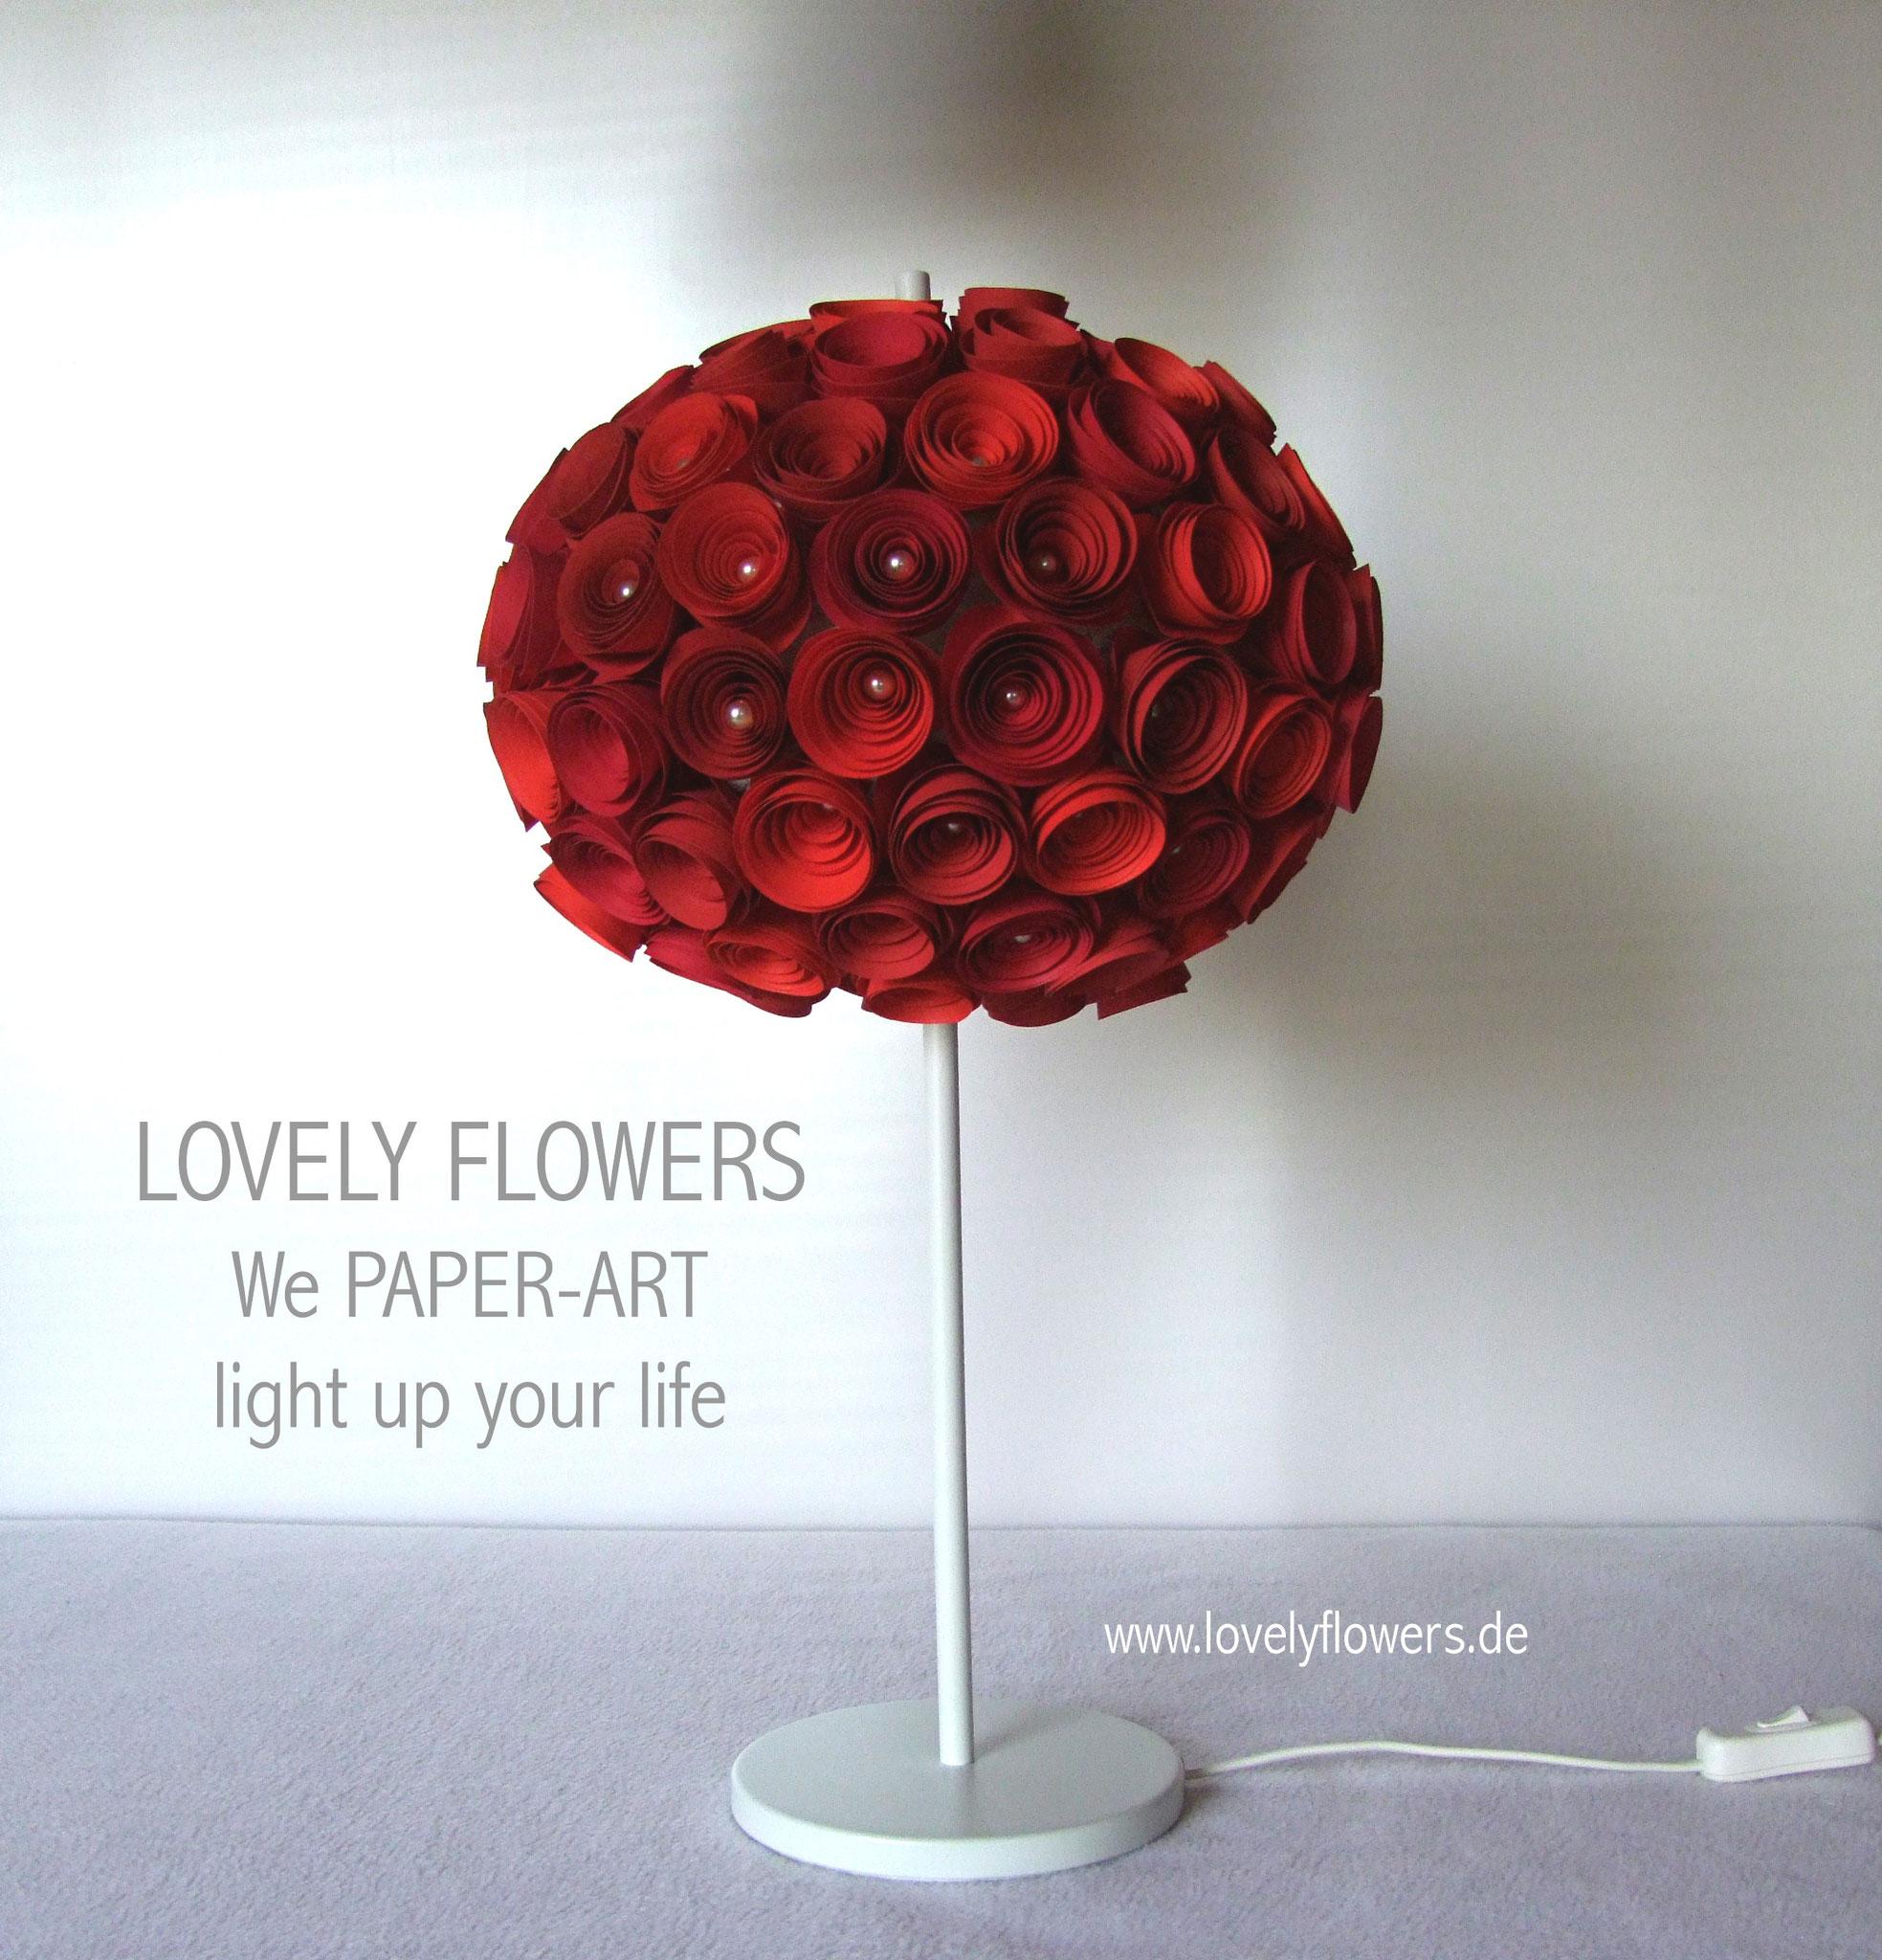 www.lovelyflowers.de - Paper Art Lampen in Rot sind Leidenschaftserwecker!